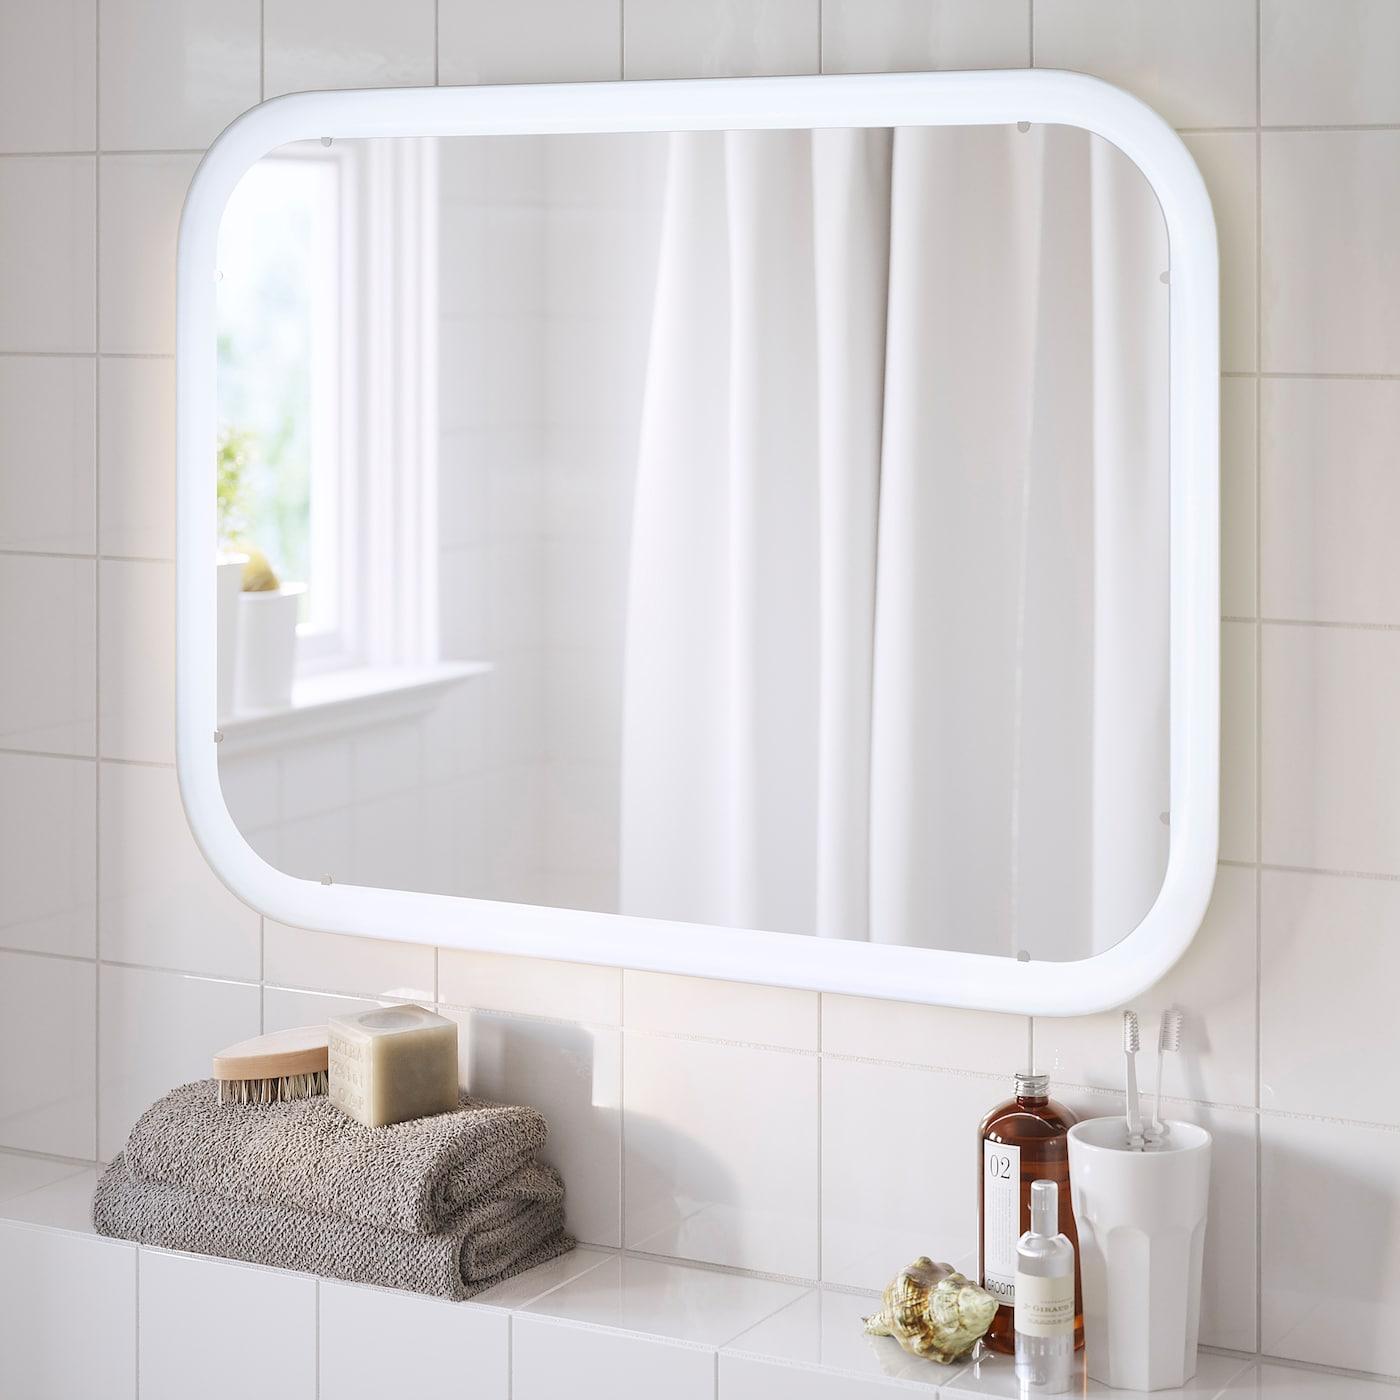 Storjorm Spiegel Met Geintegr Verlichting Wit 80x60 Cm Ikea